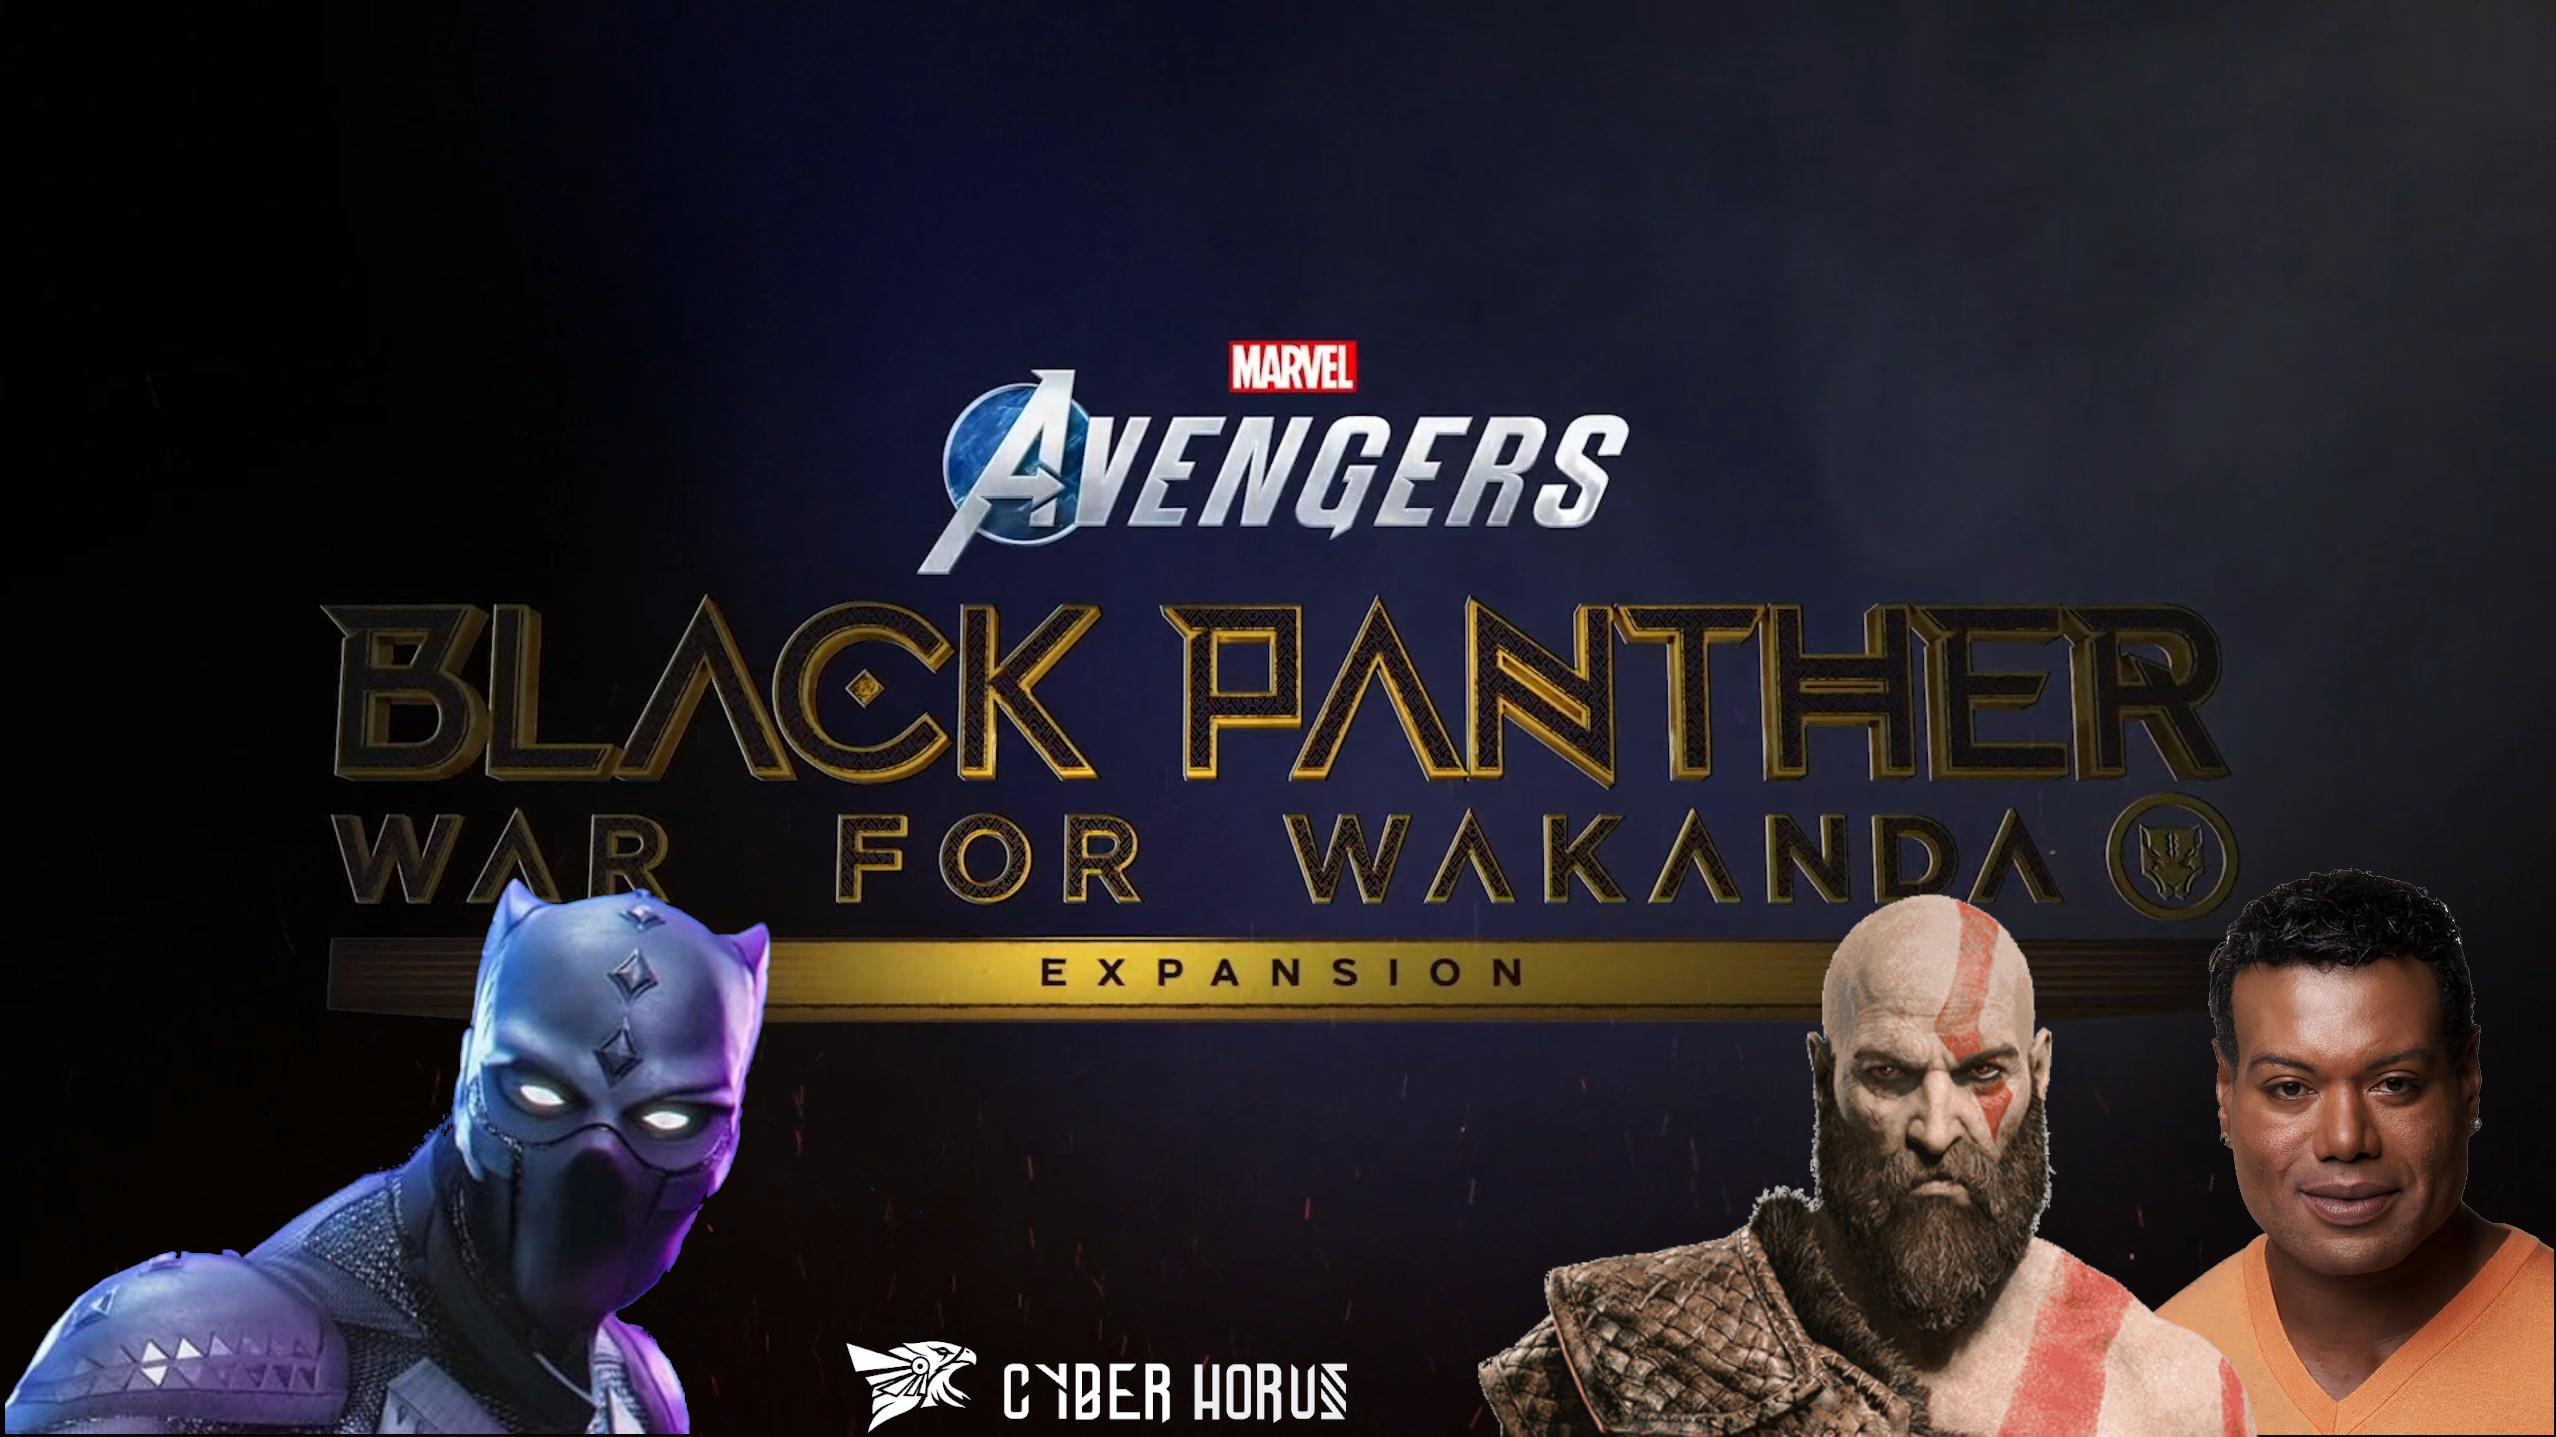 Christopher Judge, o Kratos de God of War será o protagonista da Expansão de Marvel's Avengers, War for Wakanda, onde ele será ninguém menos que o Rei T'Challa, dando continuidade ao legado do Pantera Negra